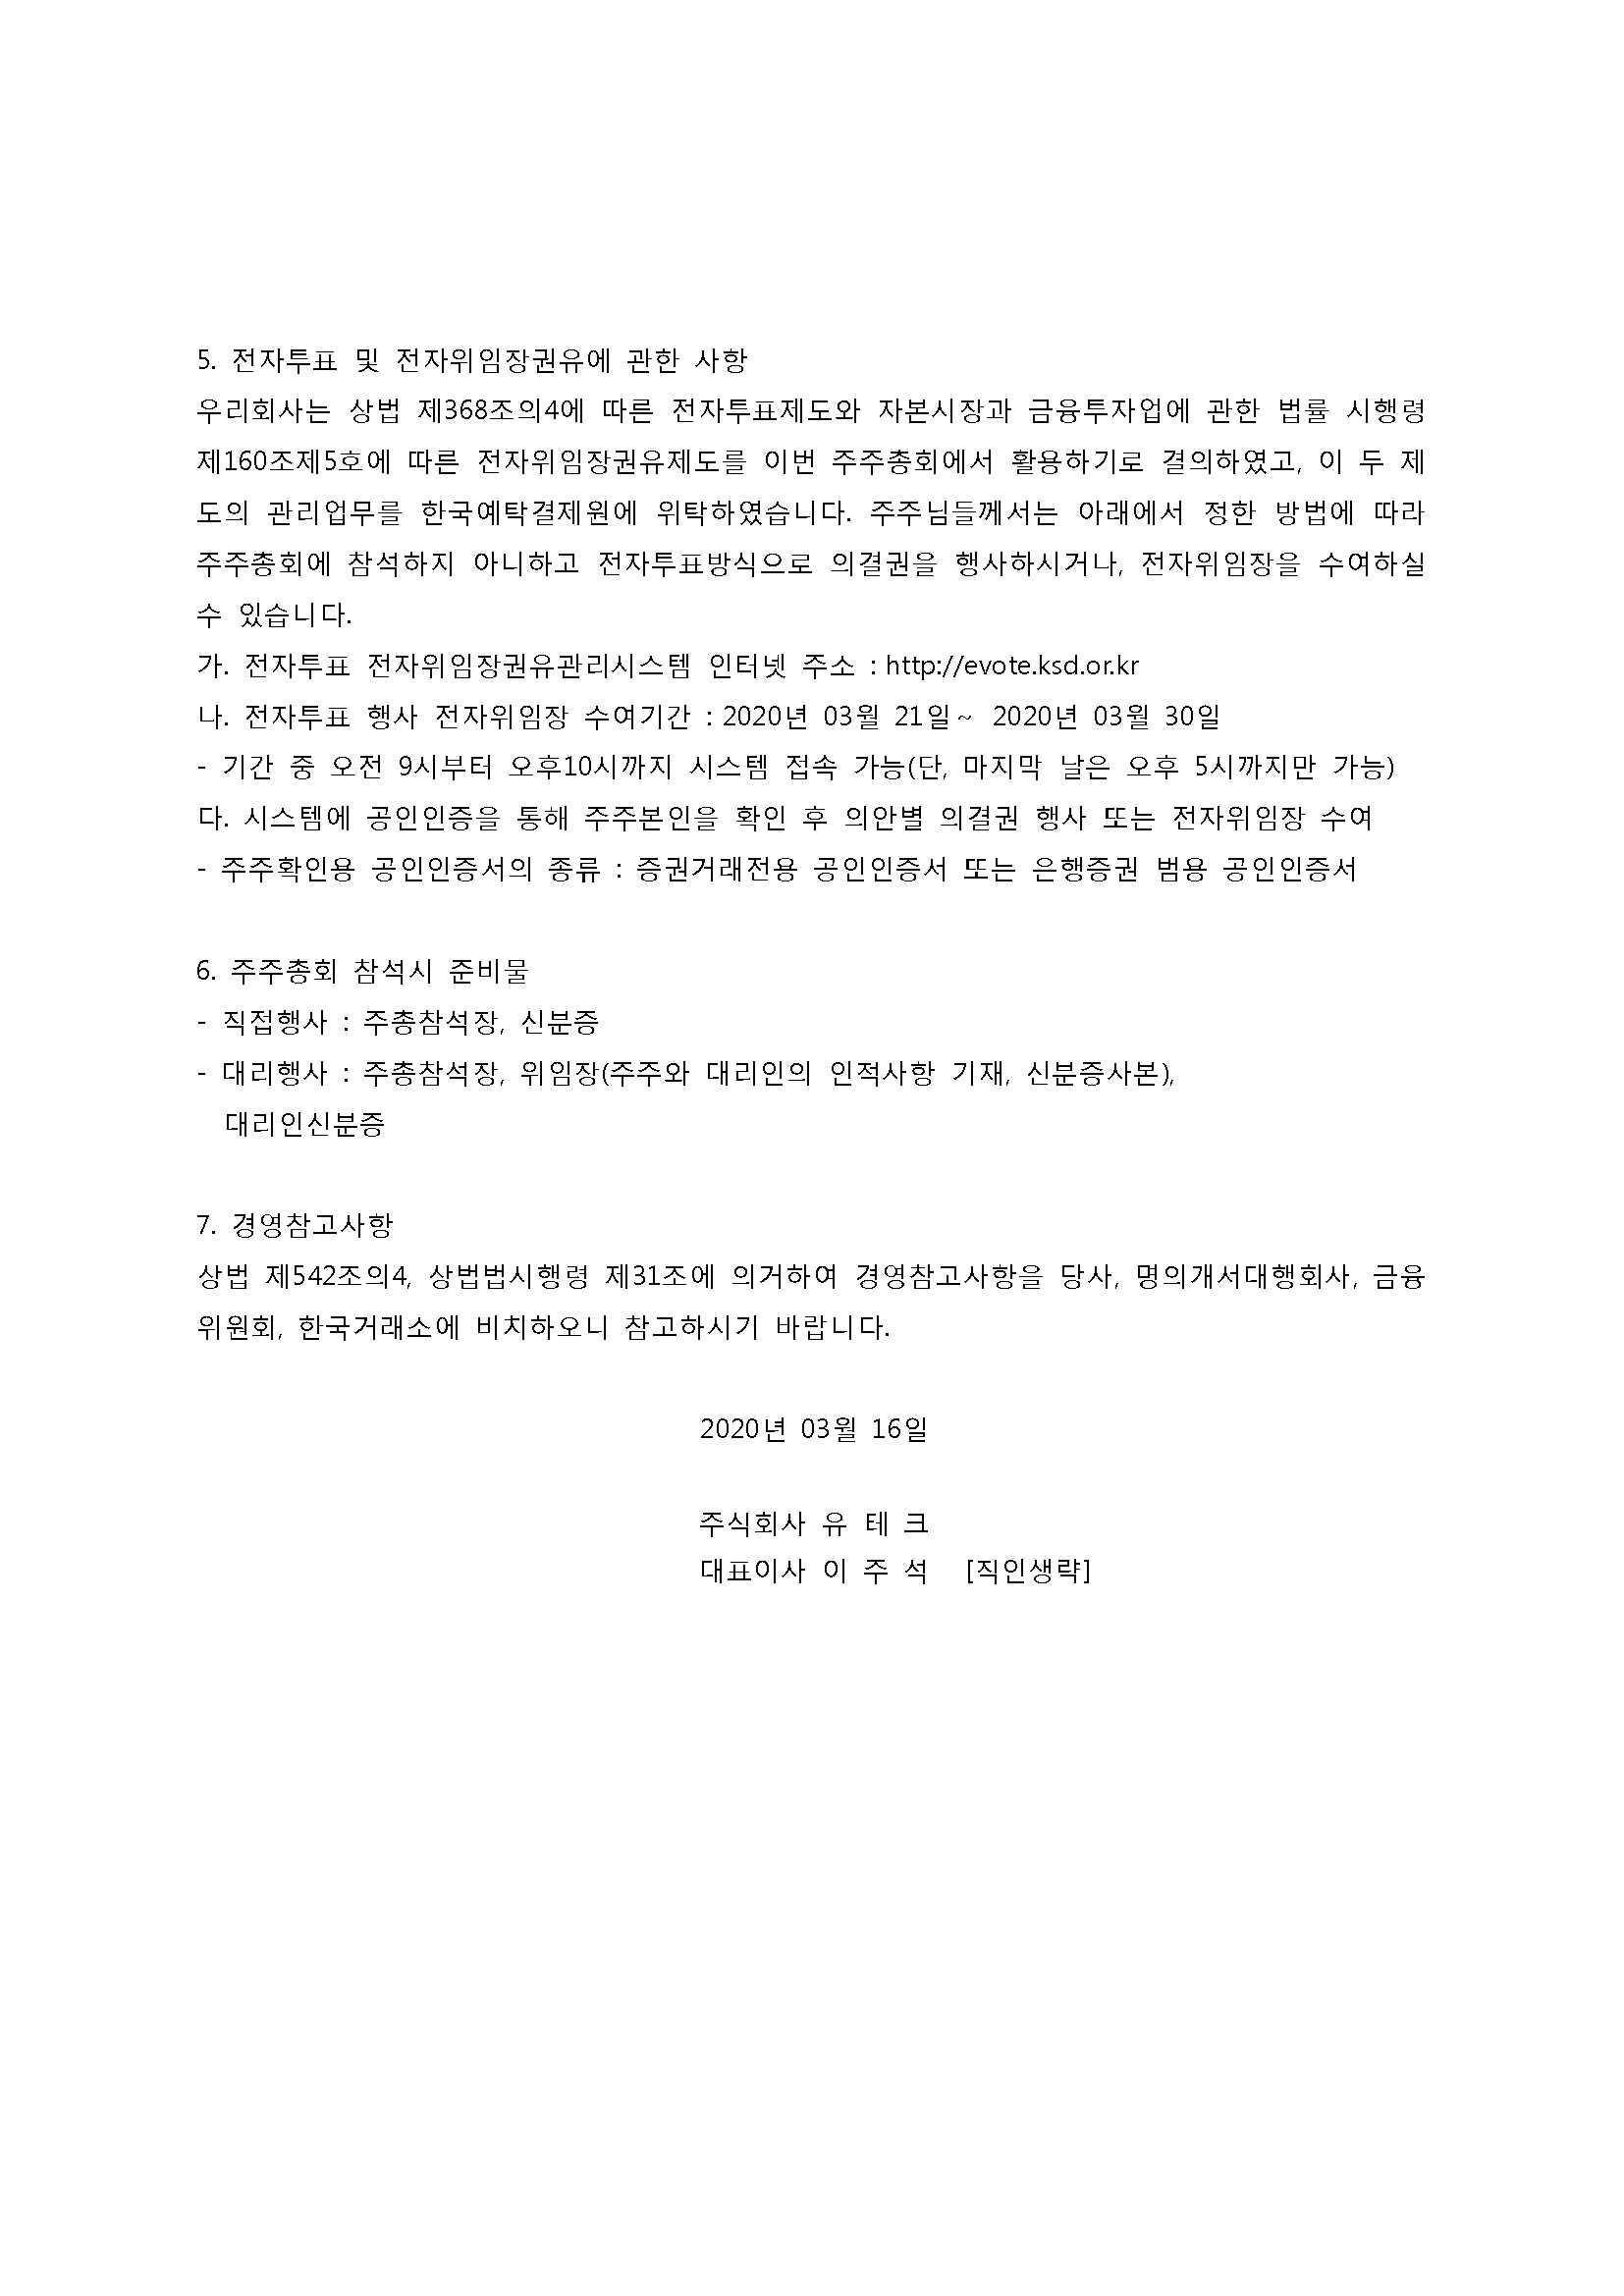 200316_제14기 정기주총_소집통지서_2.jpg